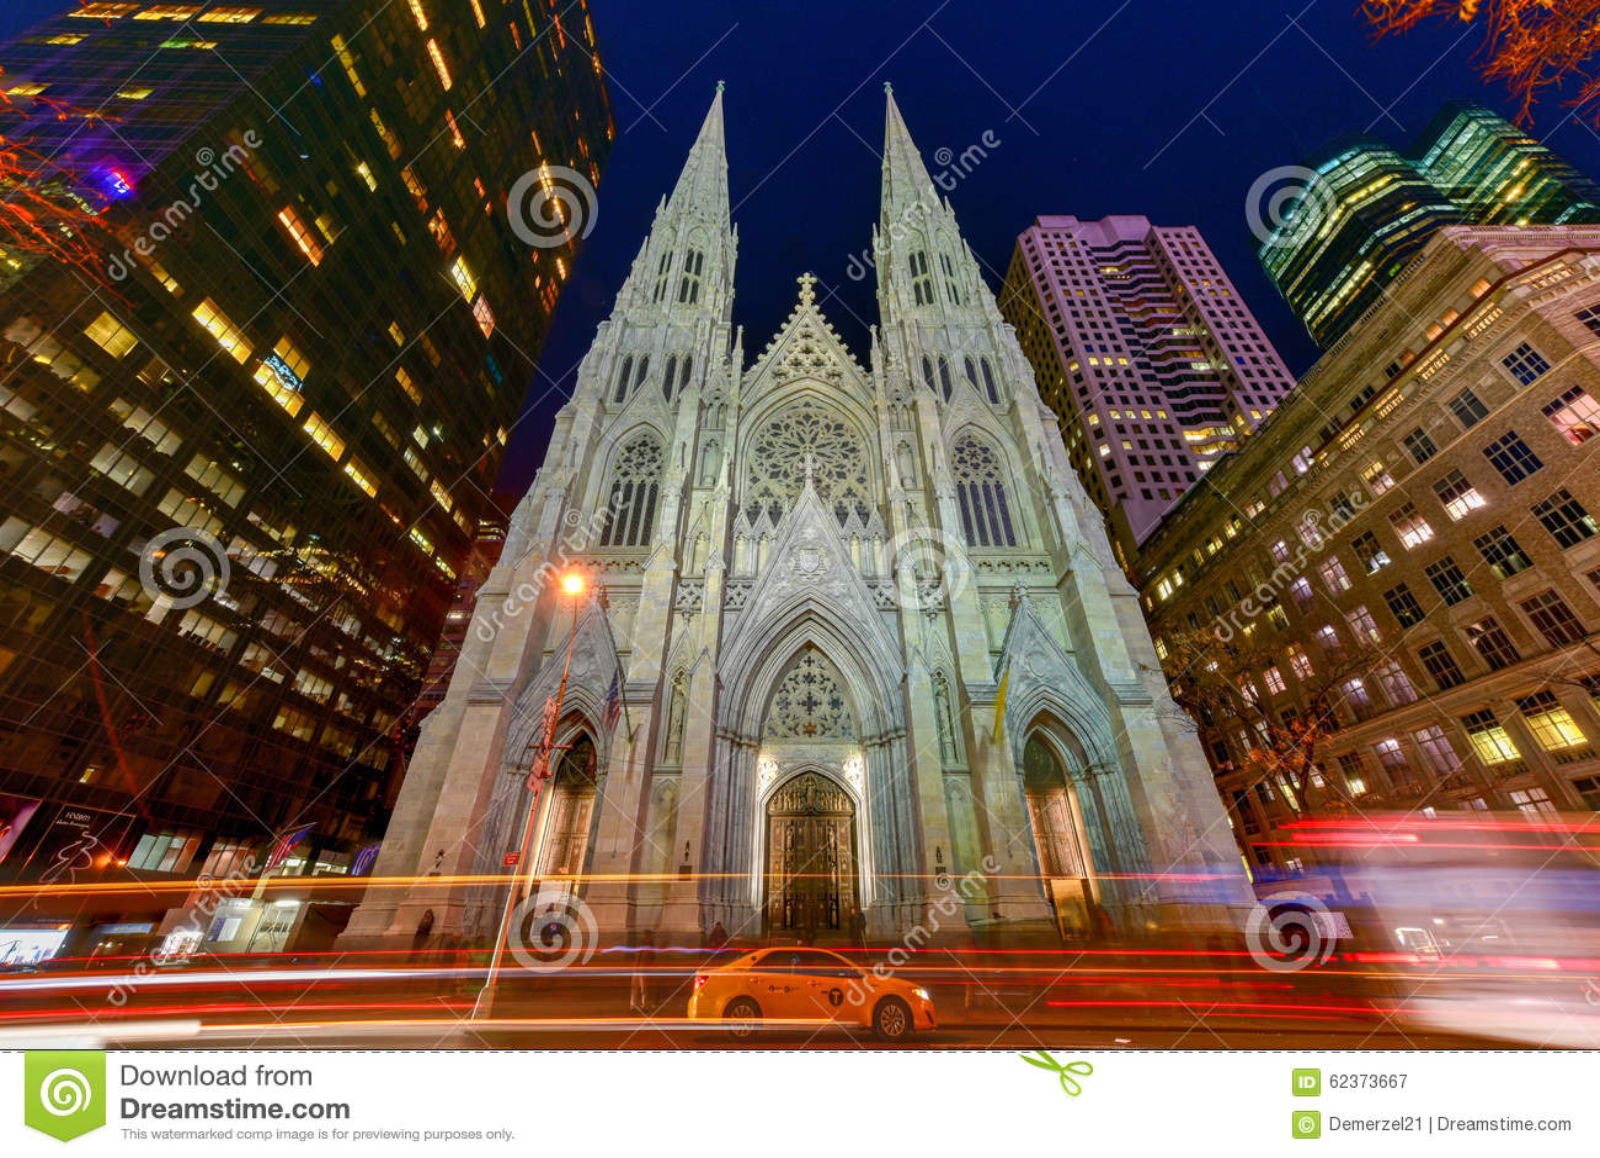 Cattedrale della st patrick a new york city fotografia - Immagini st patrick a colori ...